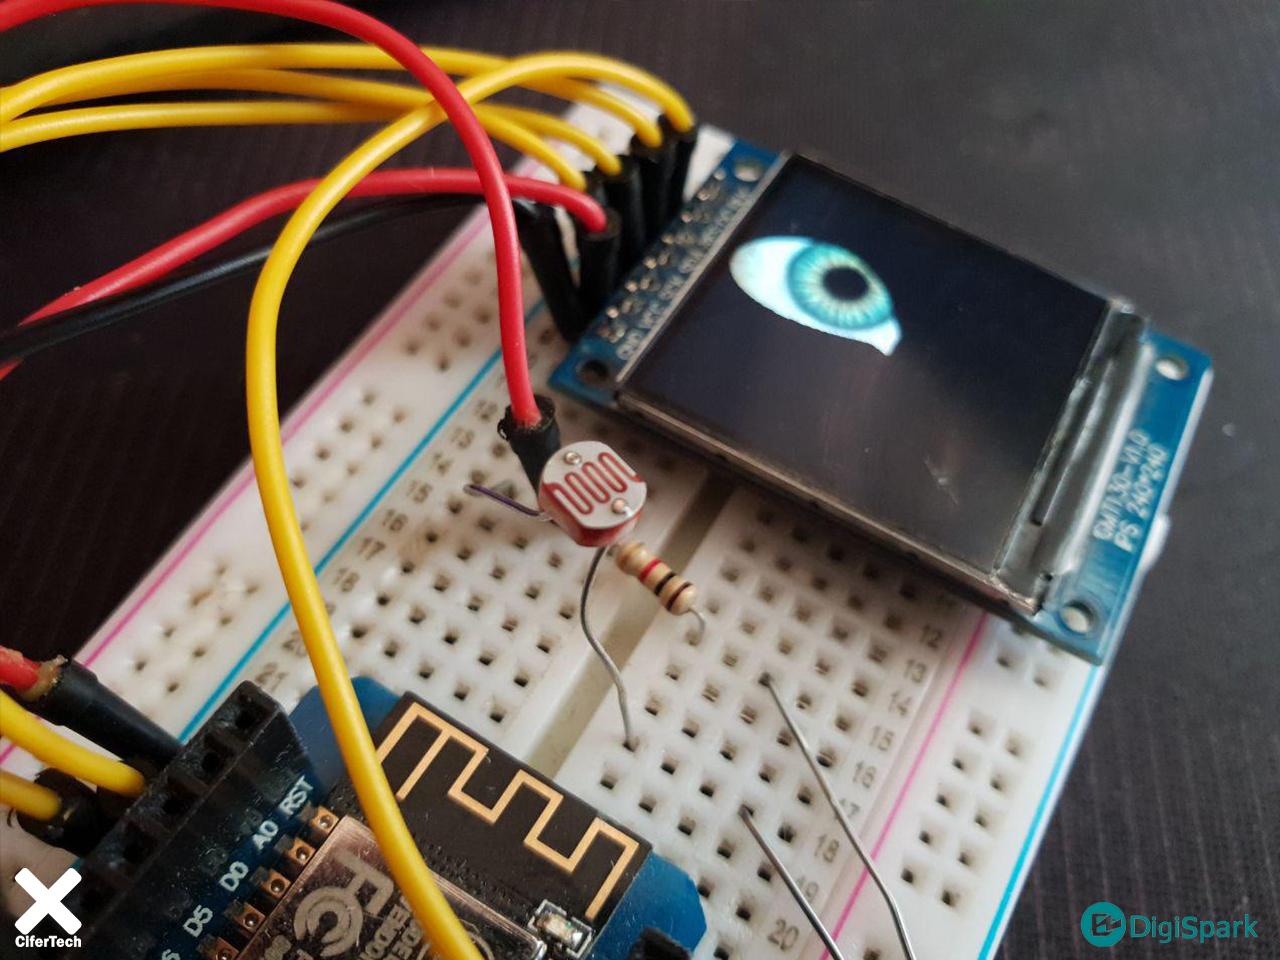 ساخت چشم انسان با ال سی دی TFT رنگی - دیجی اسپارک